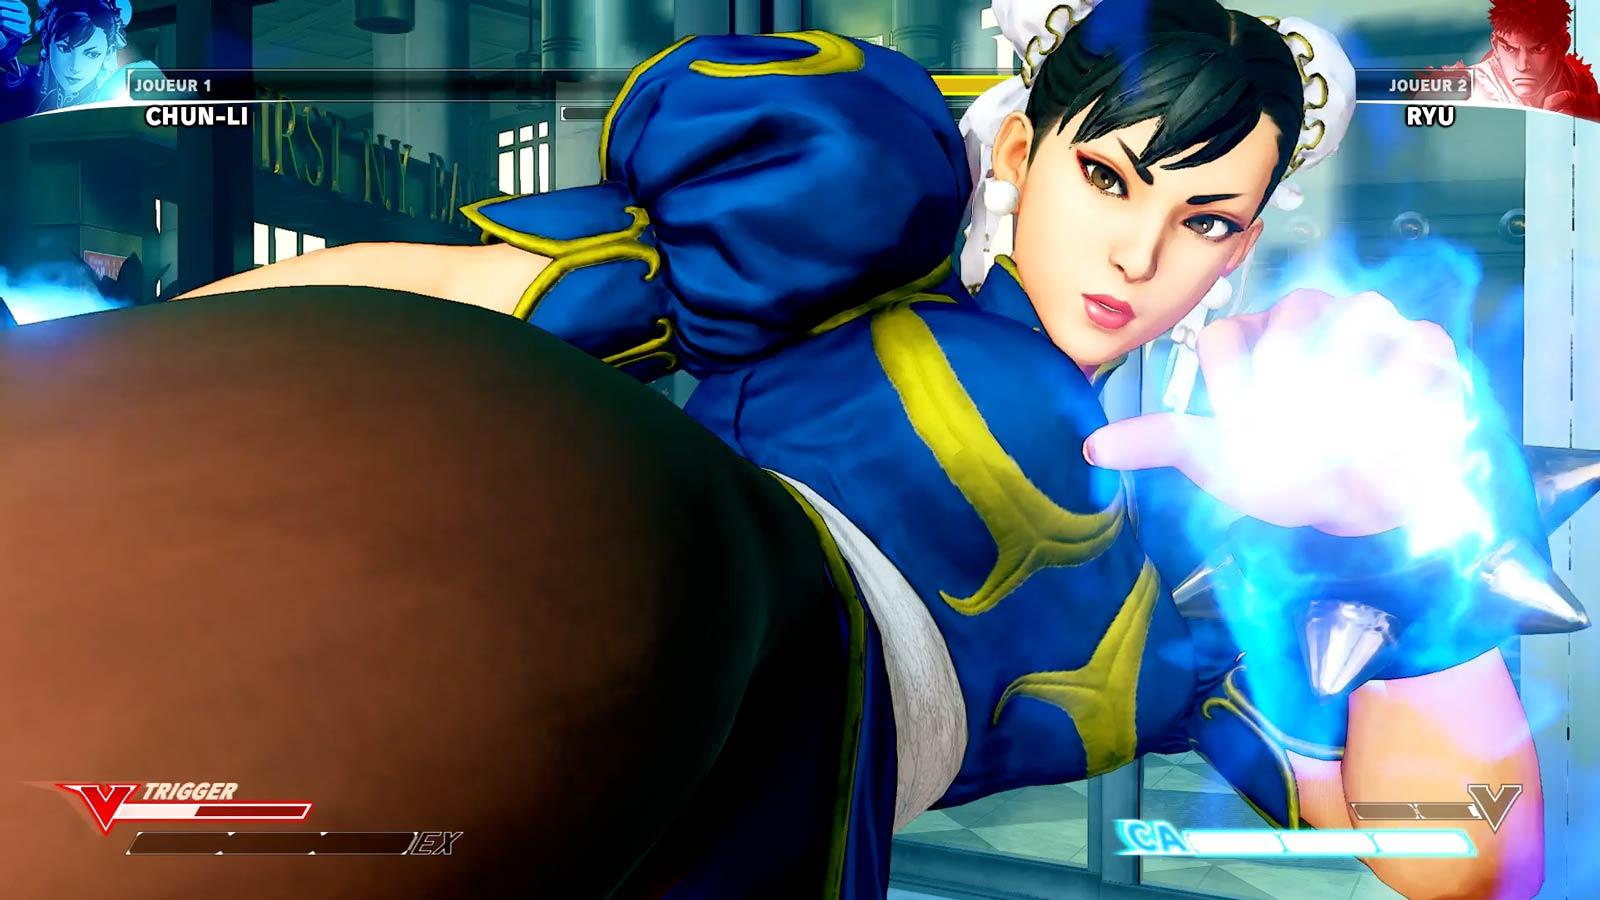 Chun Li s'apprête à lancer une attaque critique à son adversaire.